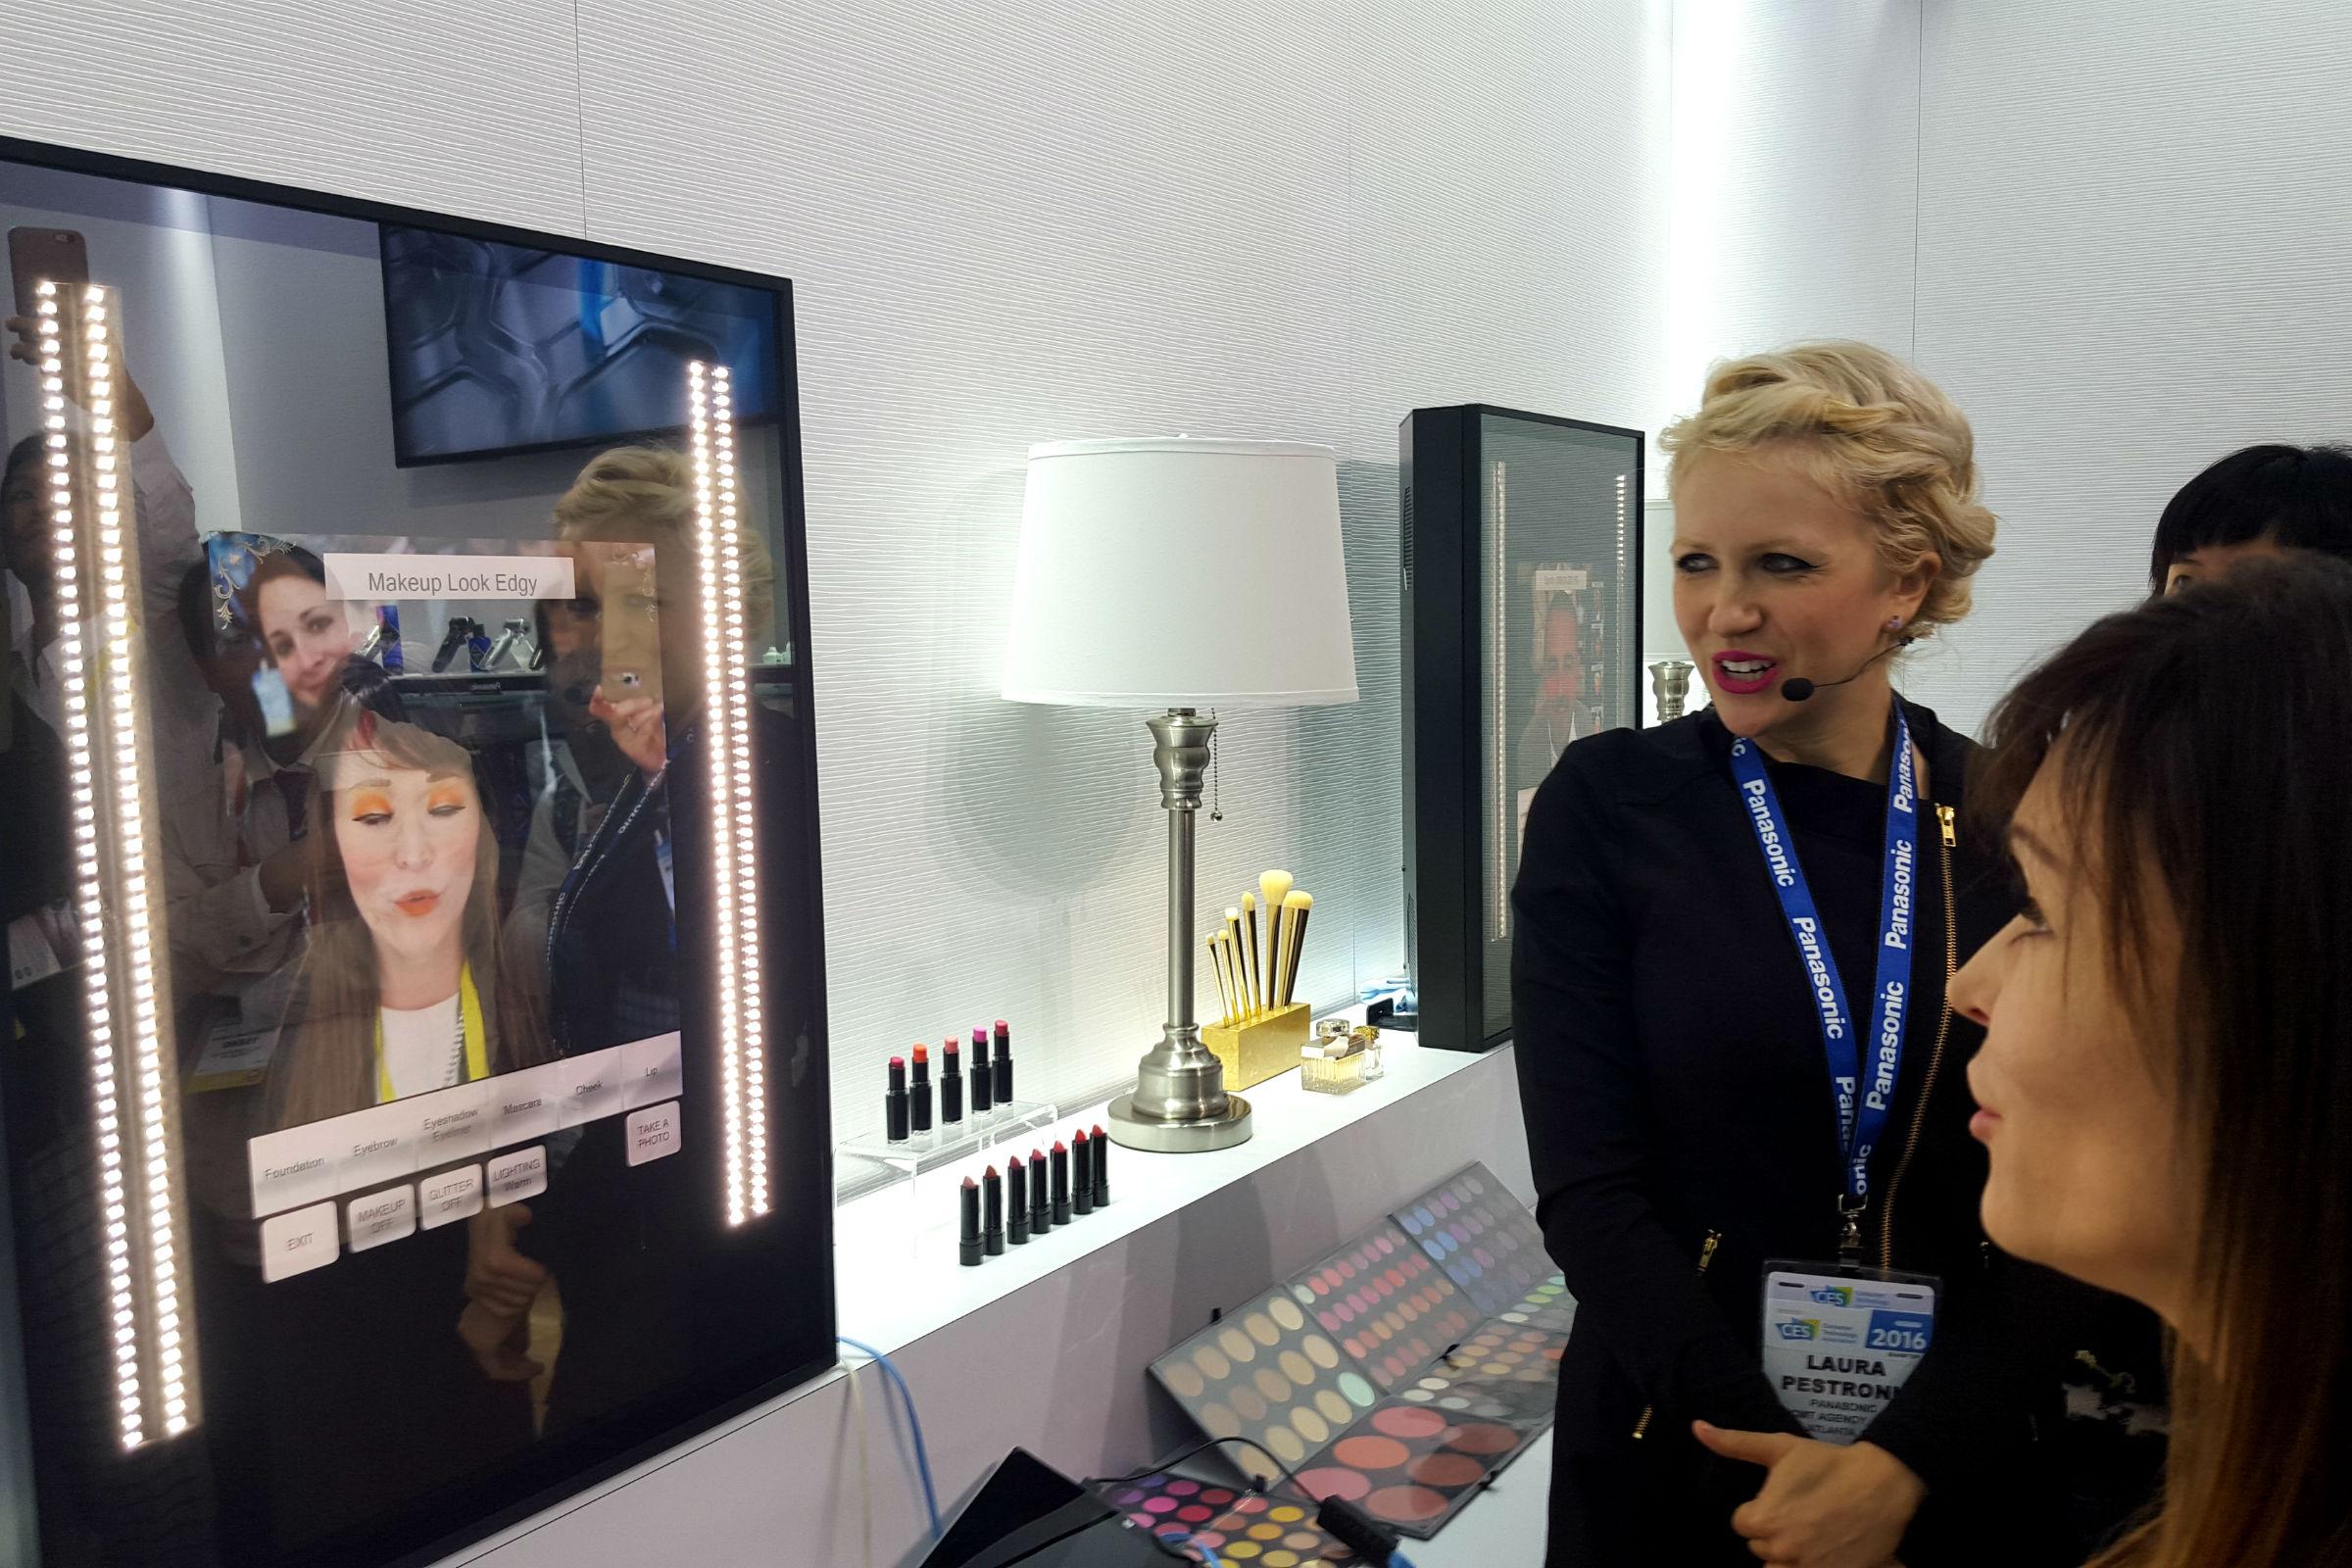 Le nouveau miroir intelligent panasonic for Miroir intelligent